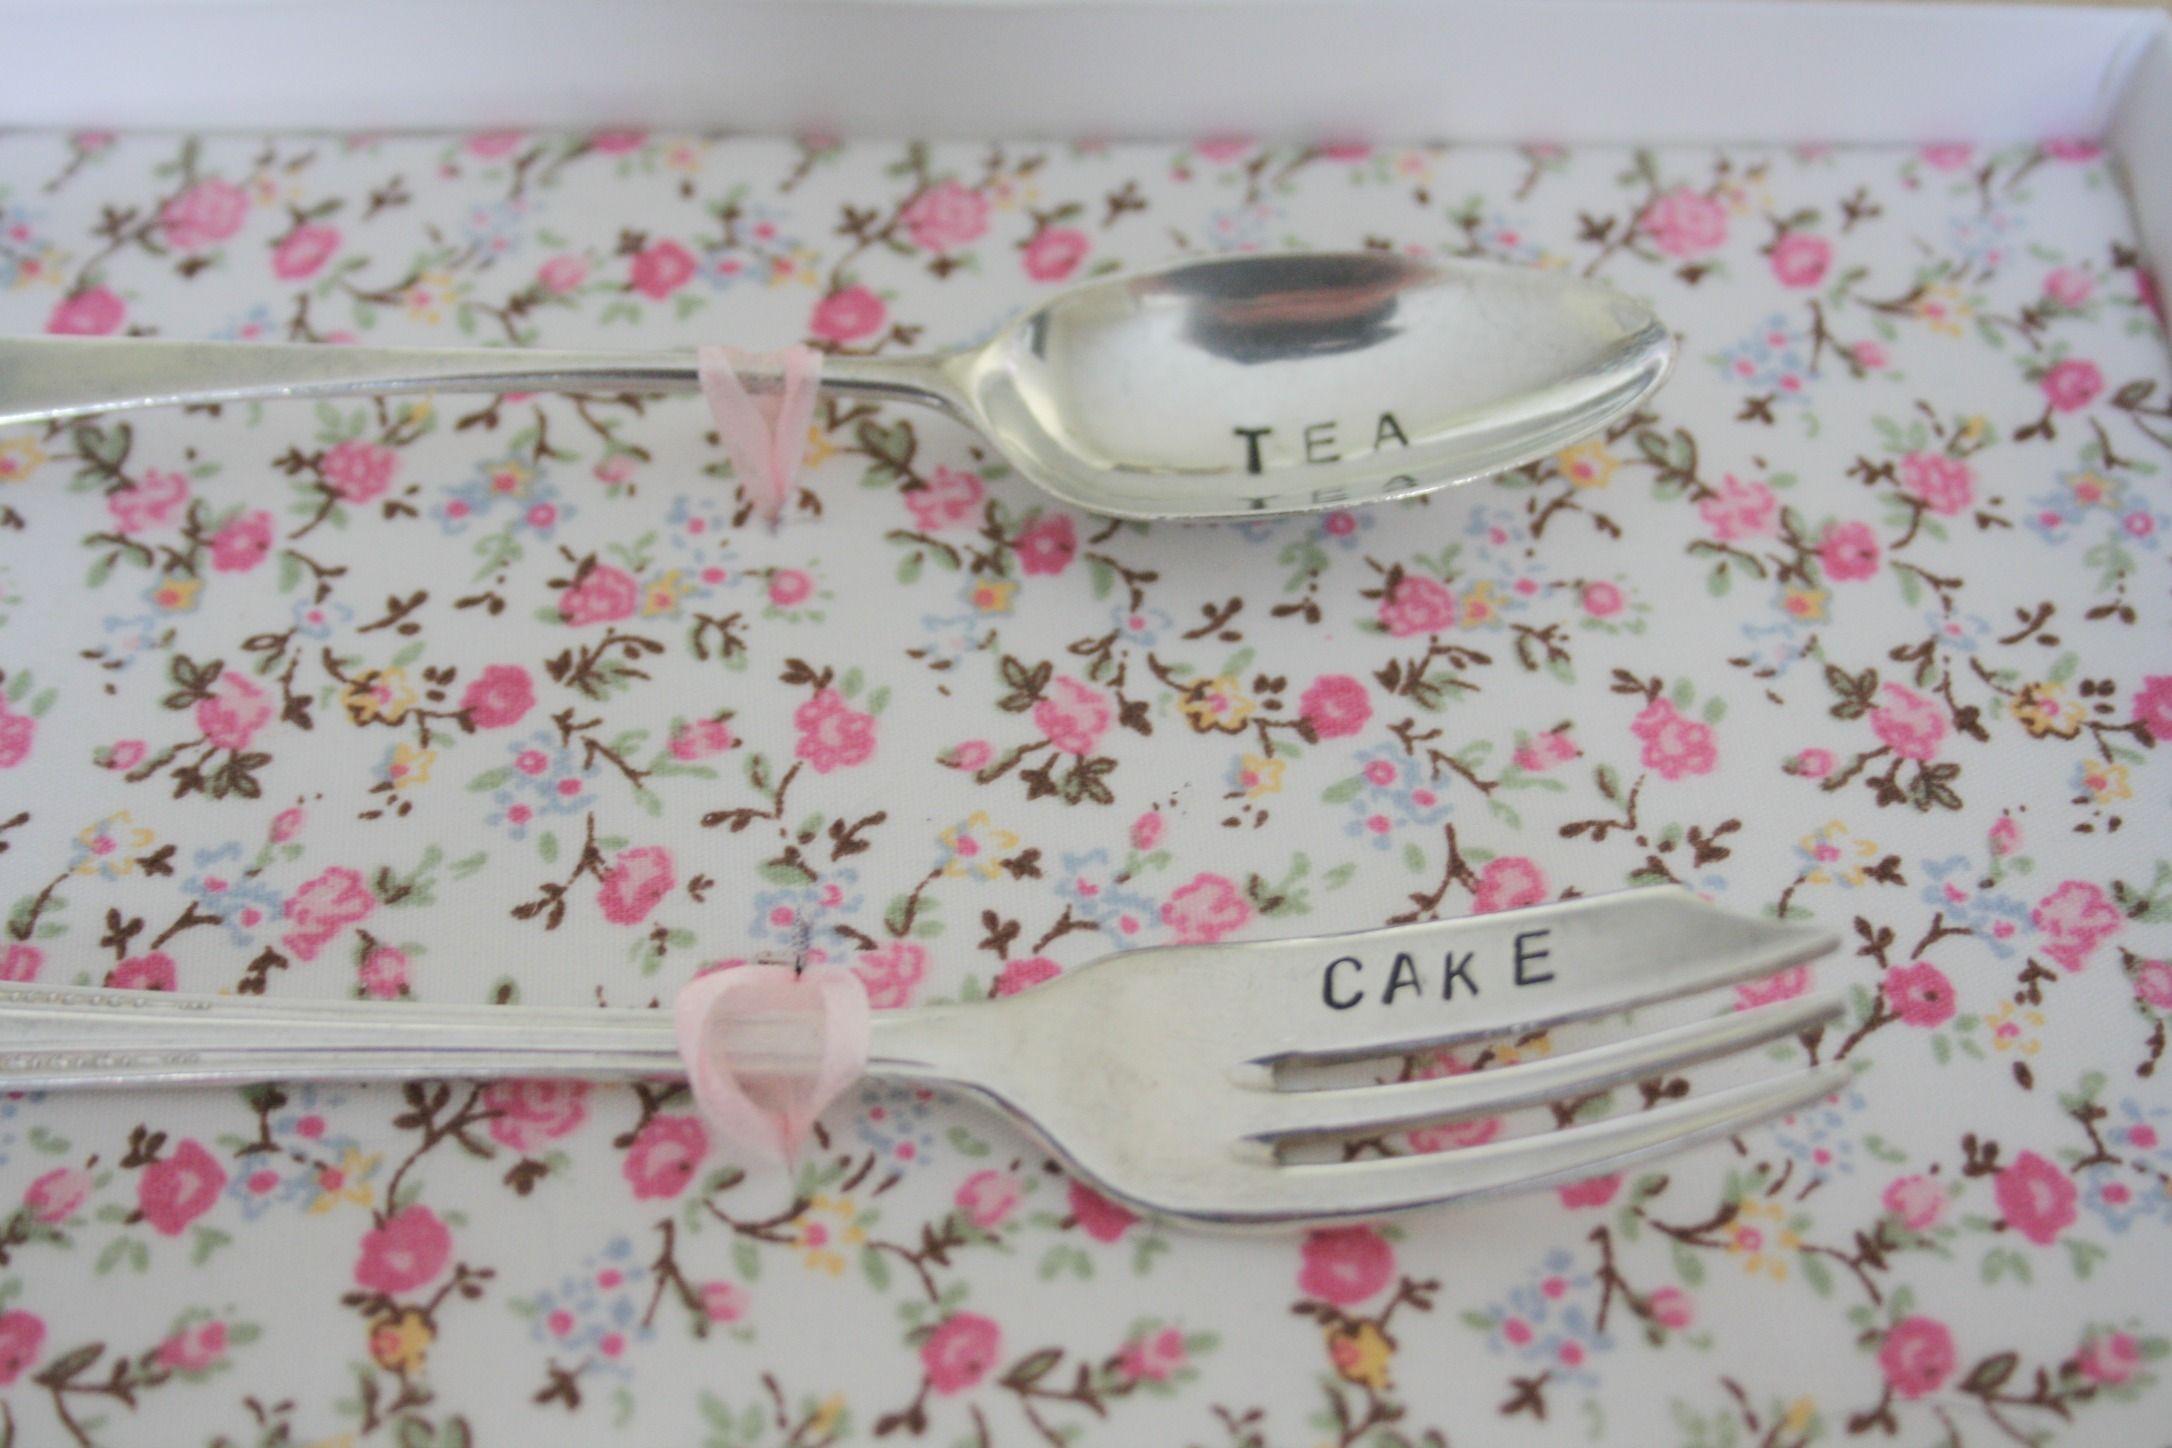 Tea & Cake - vintage cutlery set